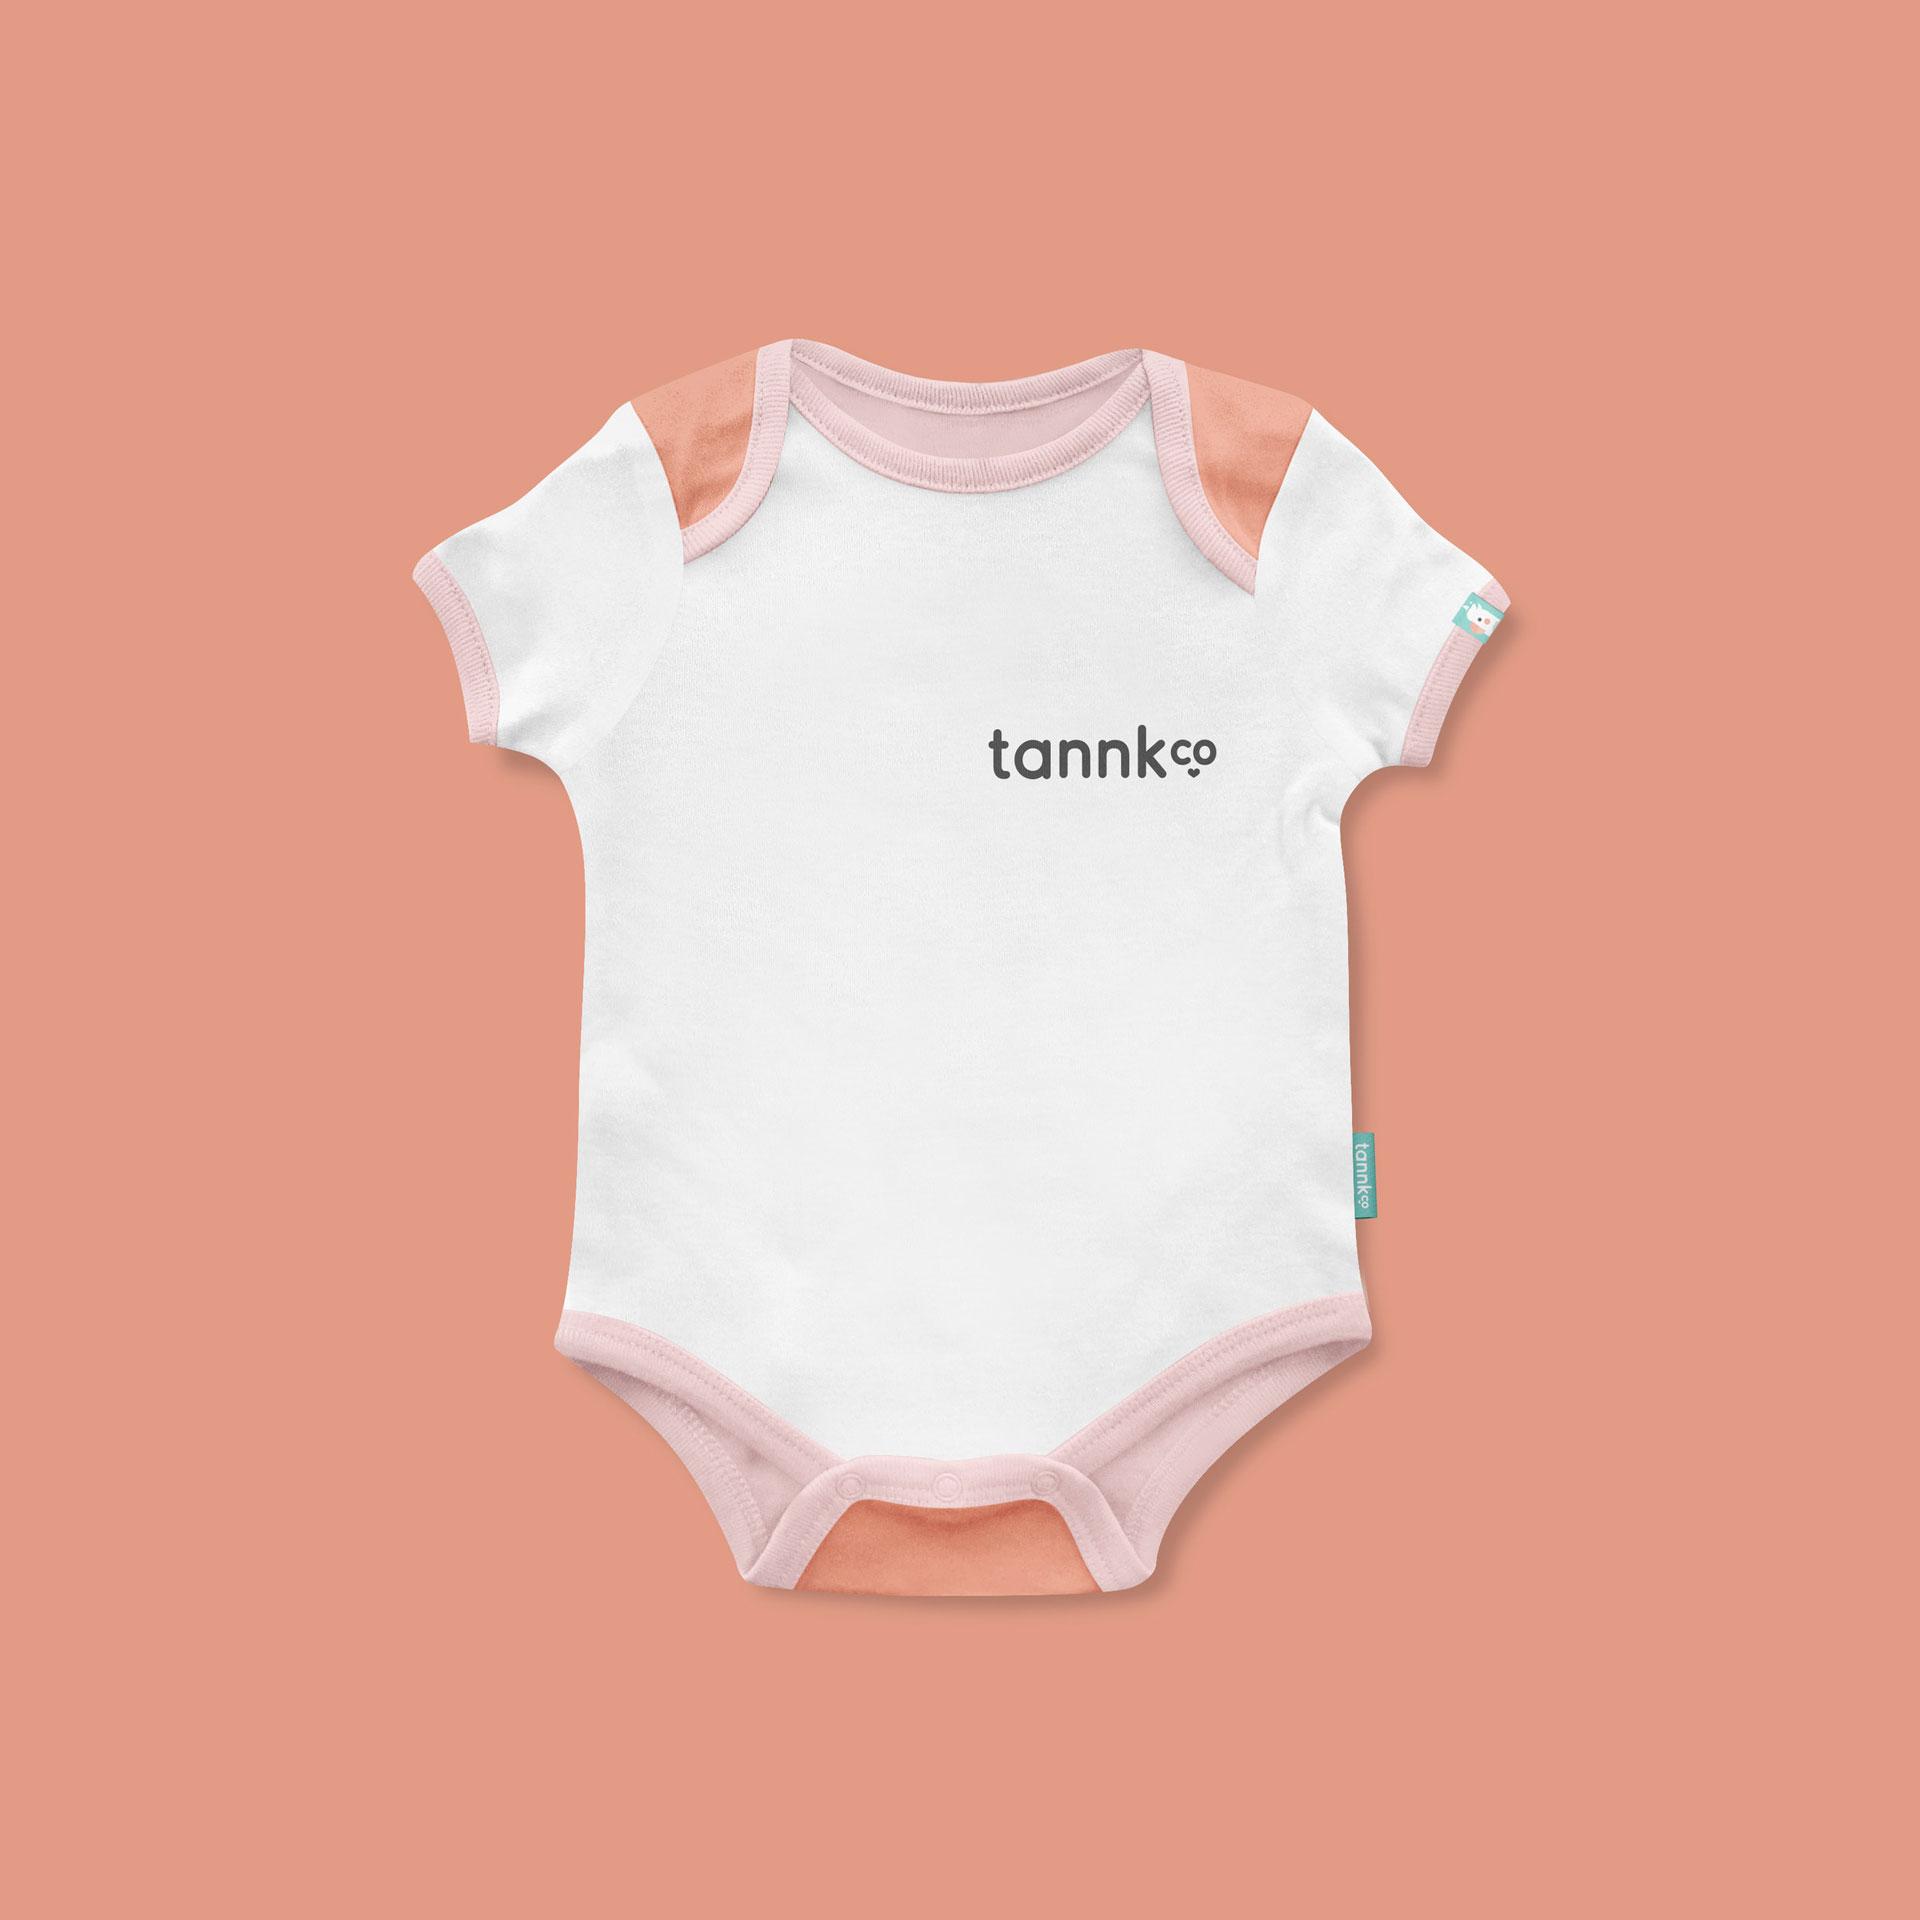 Tannk baby onesie design